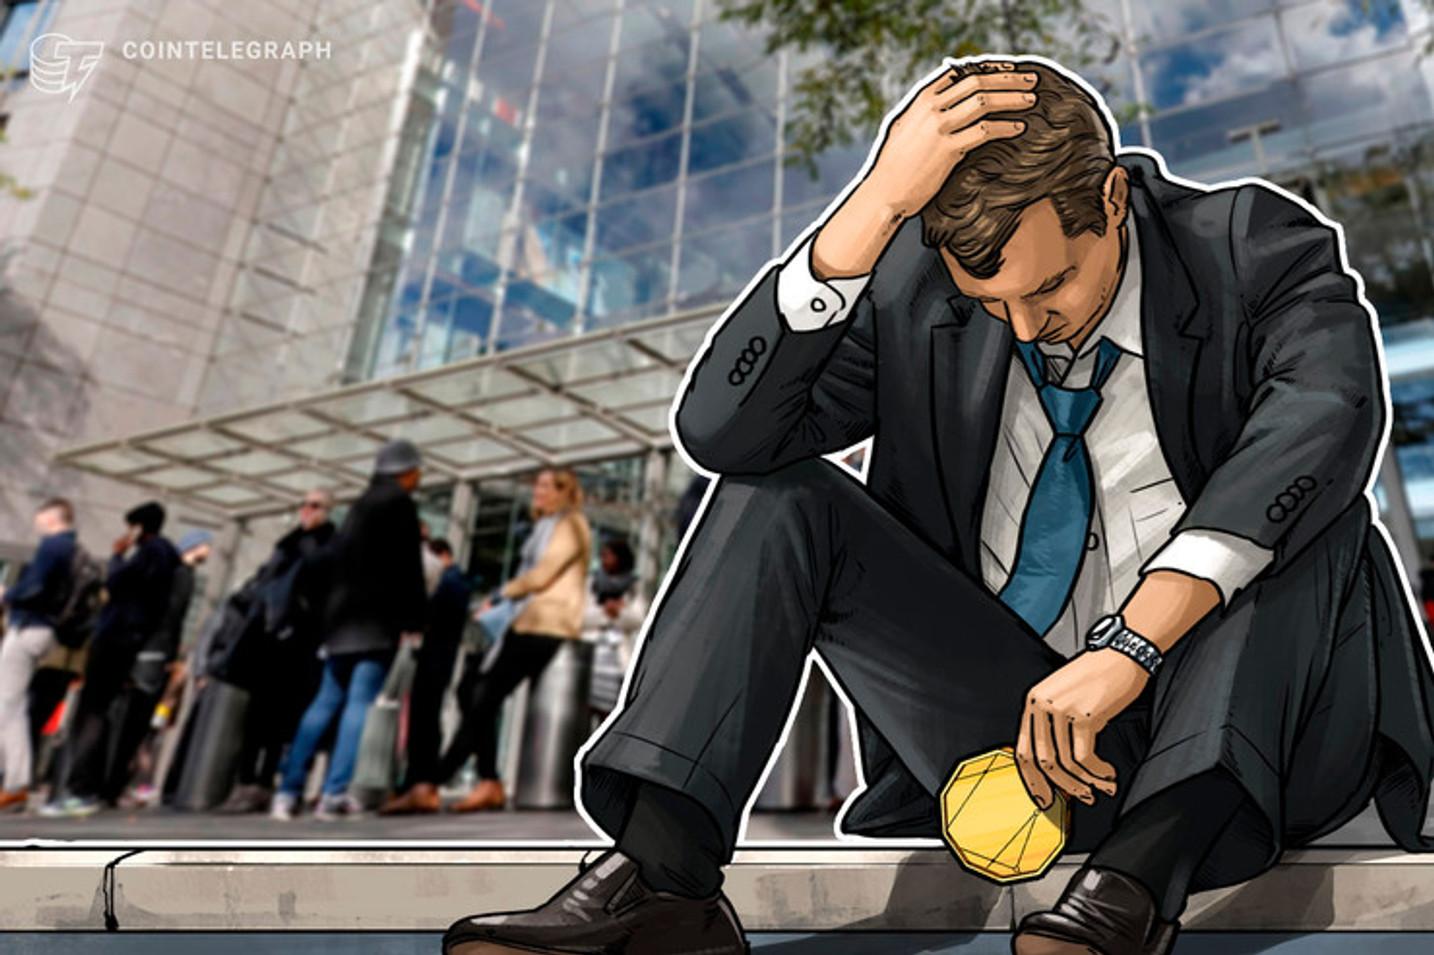 Meu Pé de Bitcoin: site oferece 10% de lucro com criptomoedas e não paga clientes